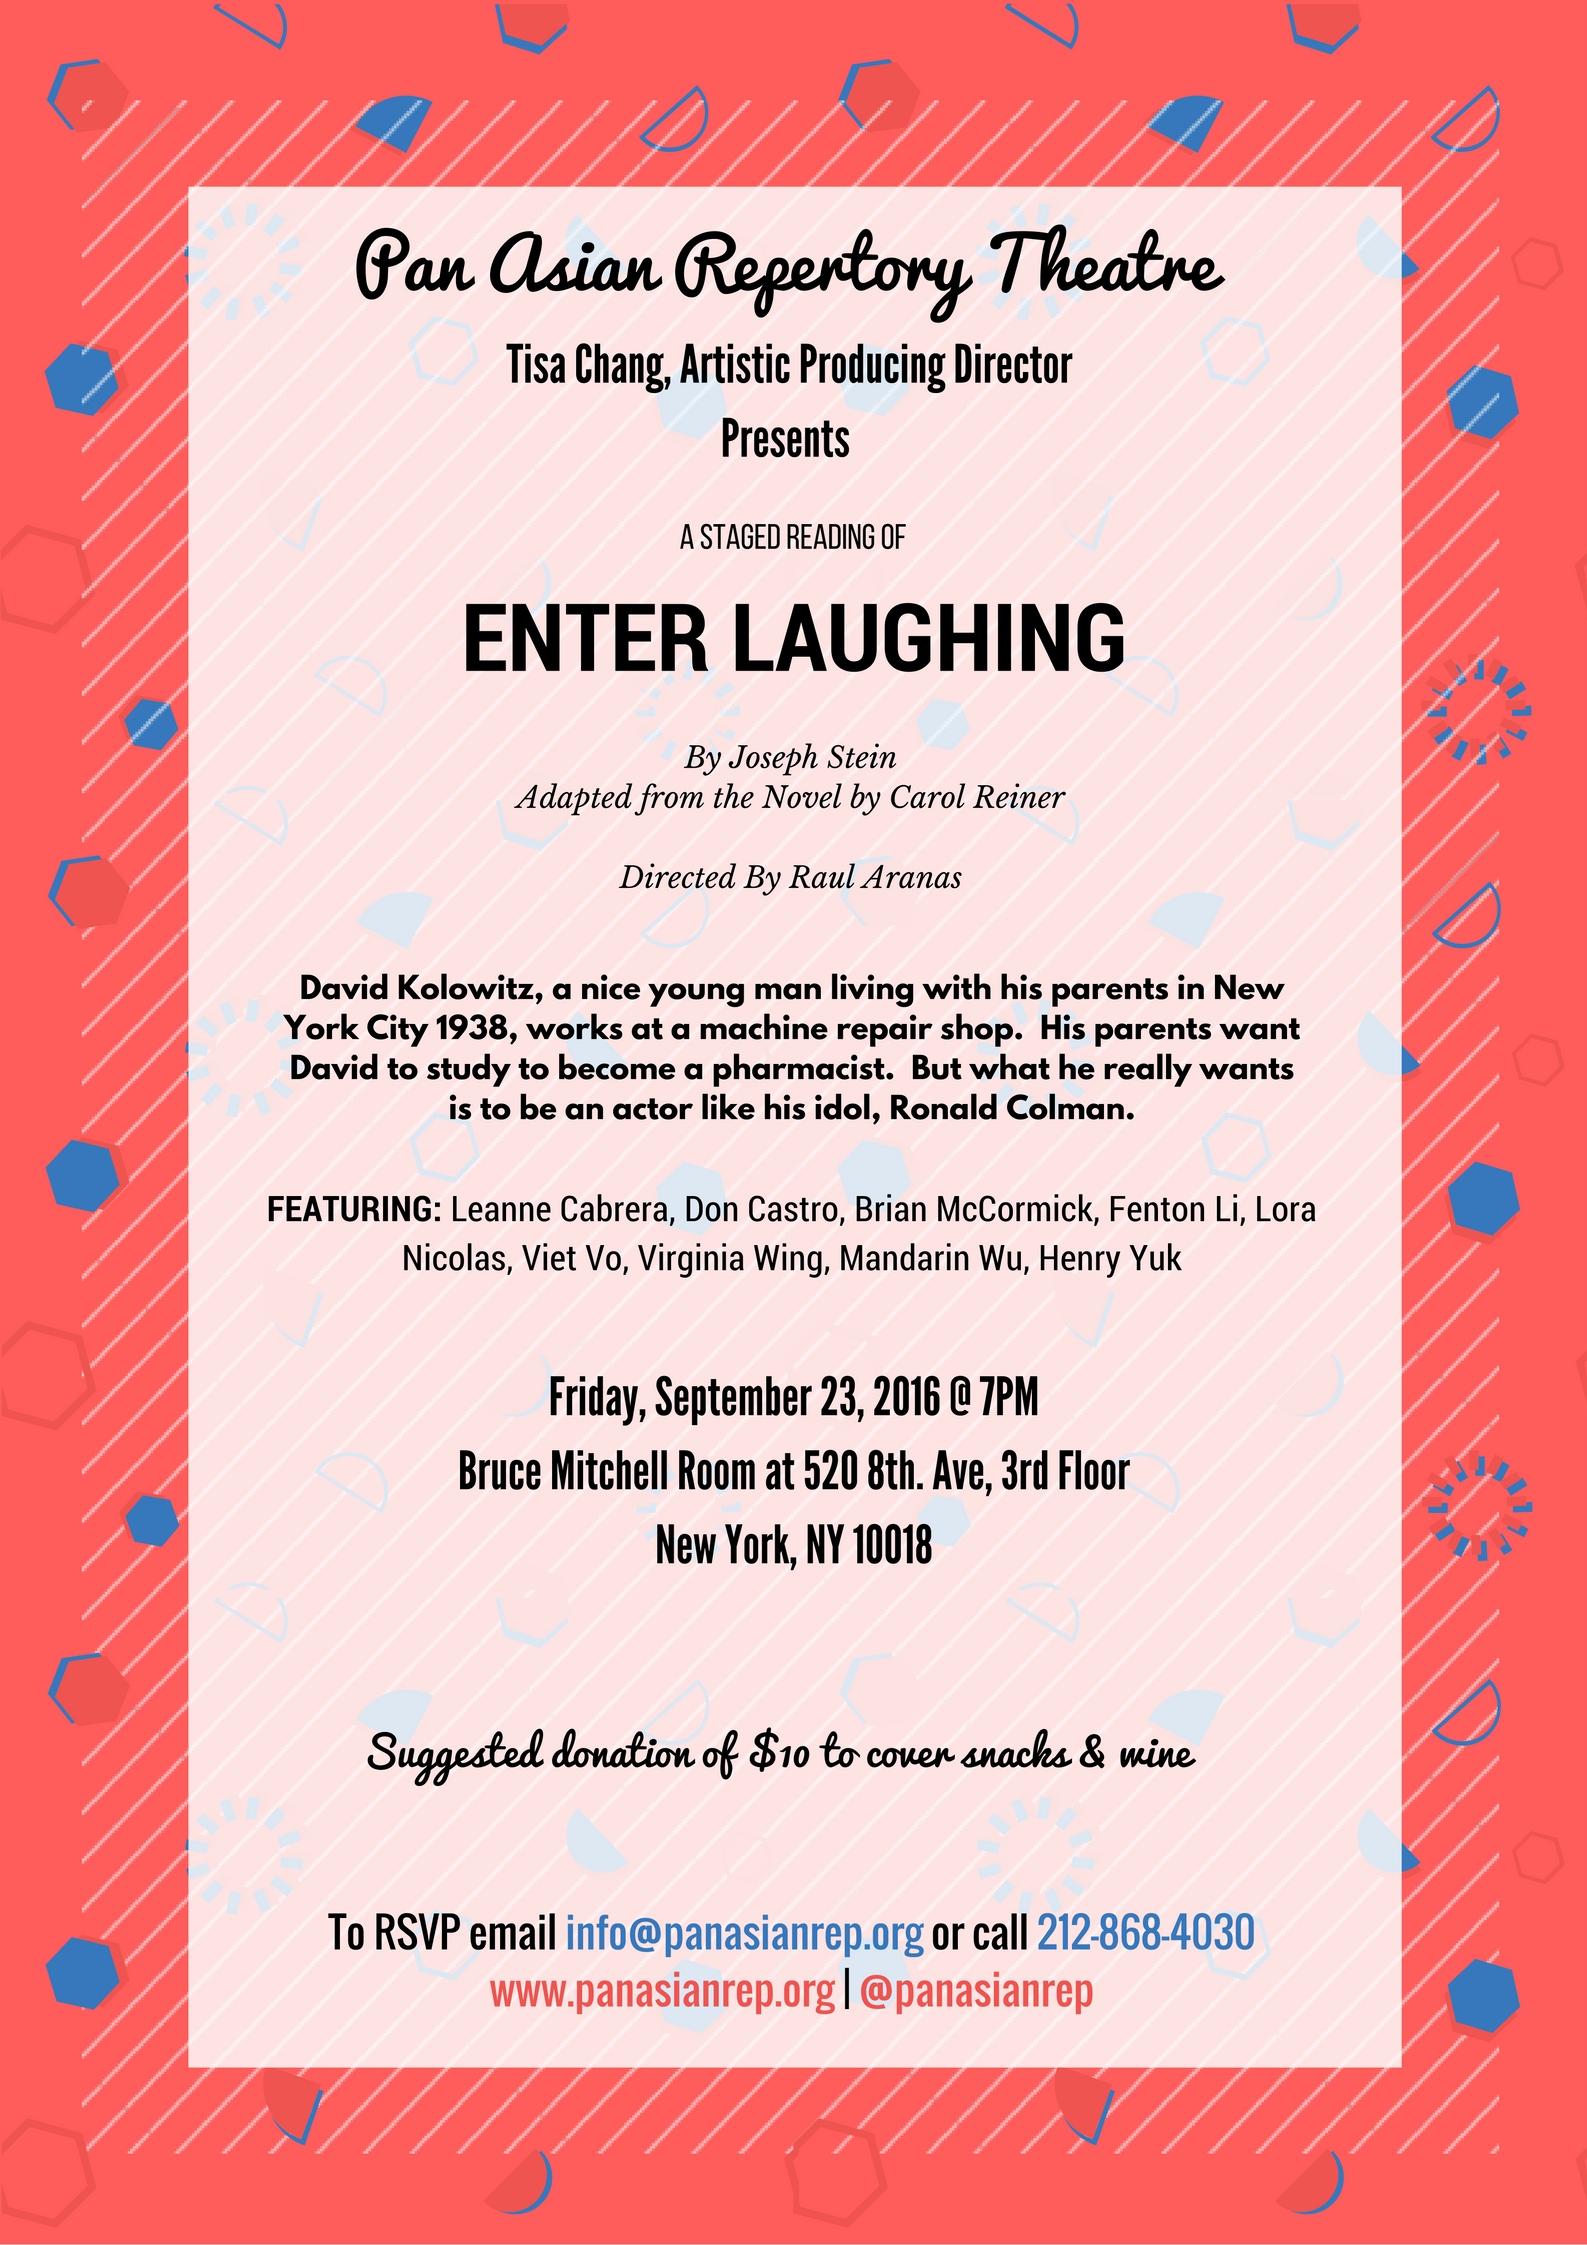 Enter Laughing Reading